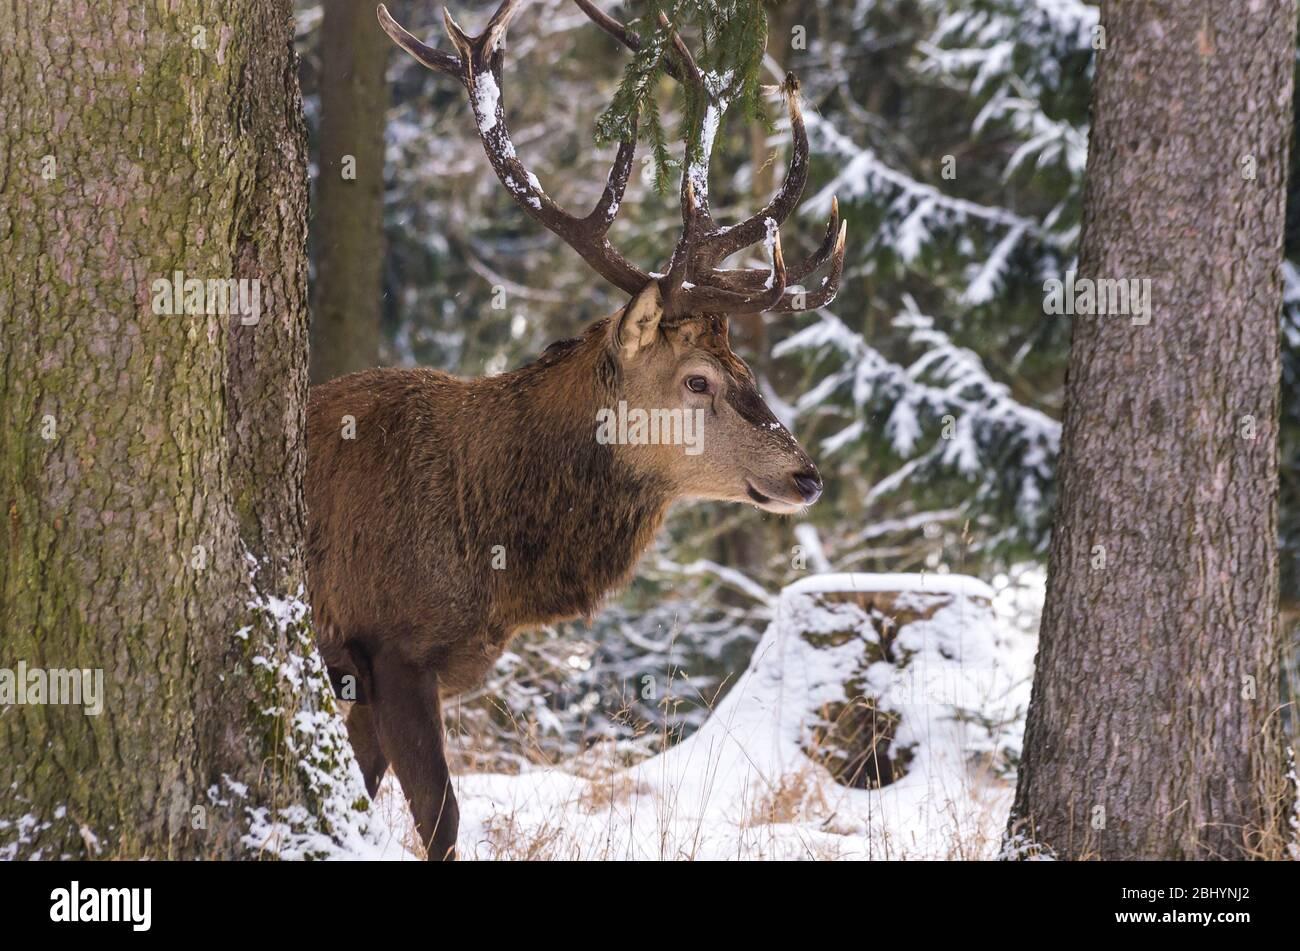 Männliche Rothirsch (Cervus Elaphus) in einem verschneiten winterlichen Wald. Stockfoto